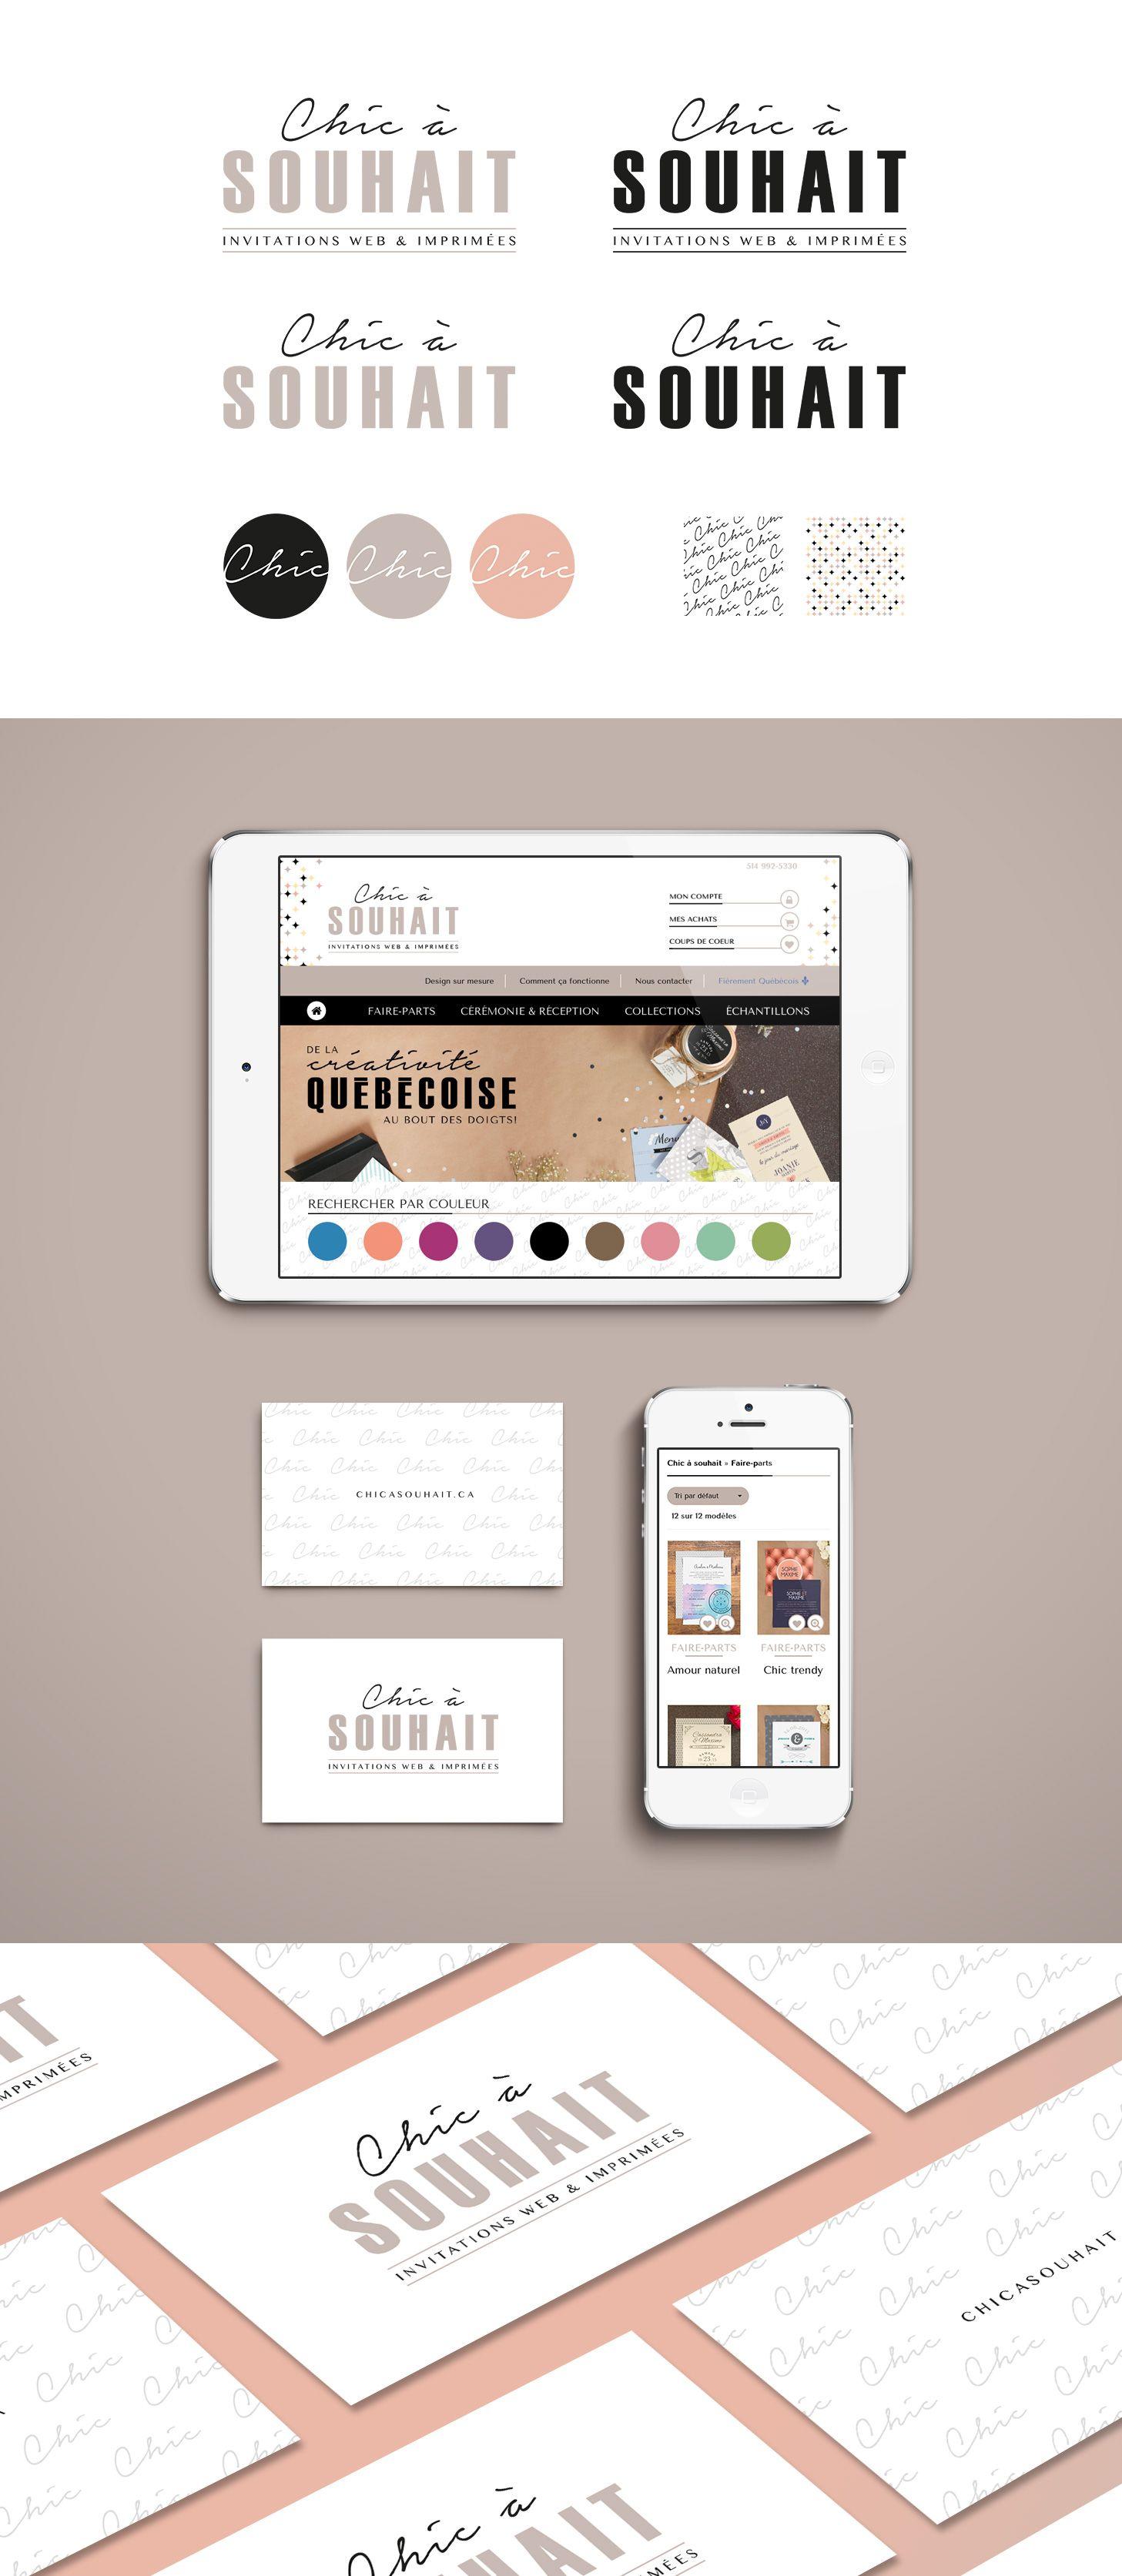 Boutique Design En Ligne identité visuelle - branding - pour boutique en ligne d'invitations